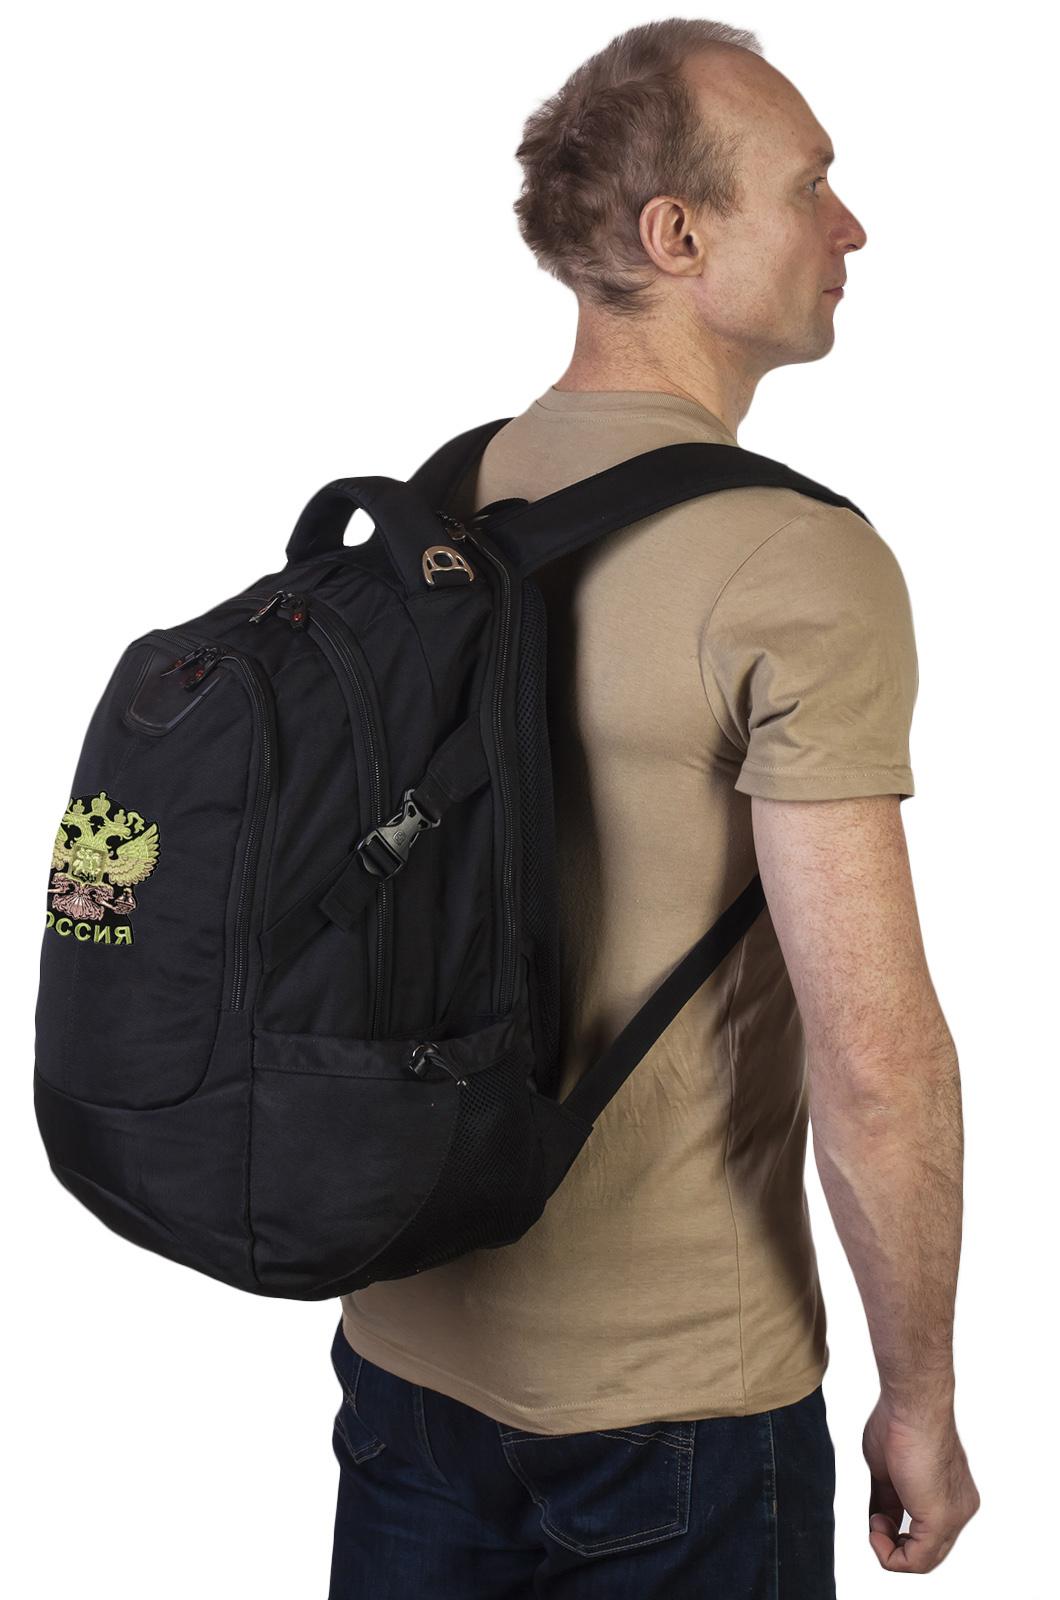 Черный эргономичный рюкзак с нашивкой Герб России - купить по низкой цене